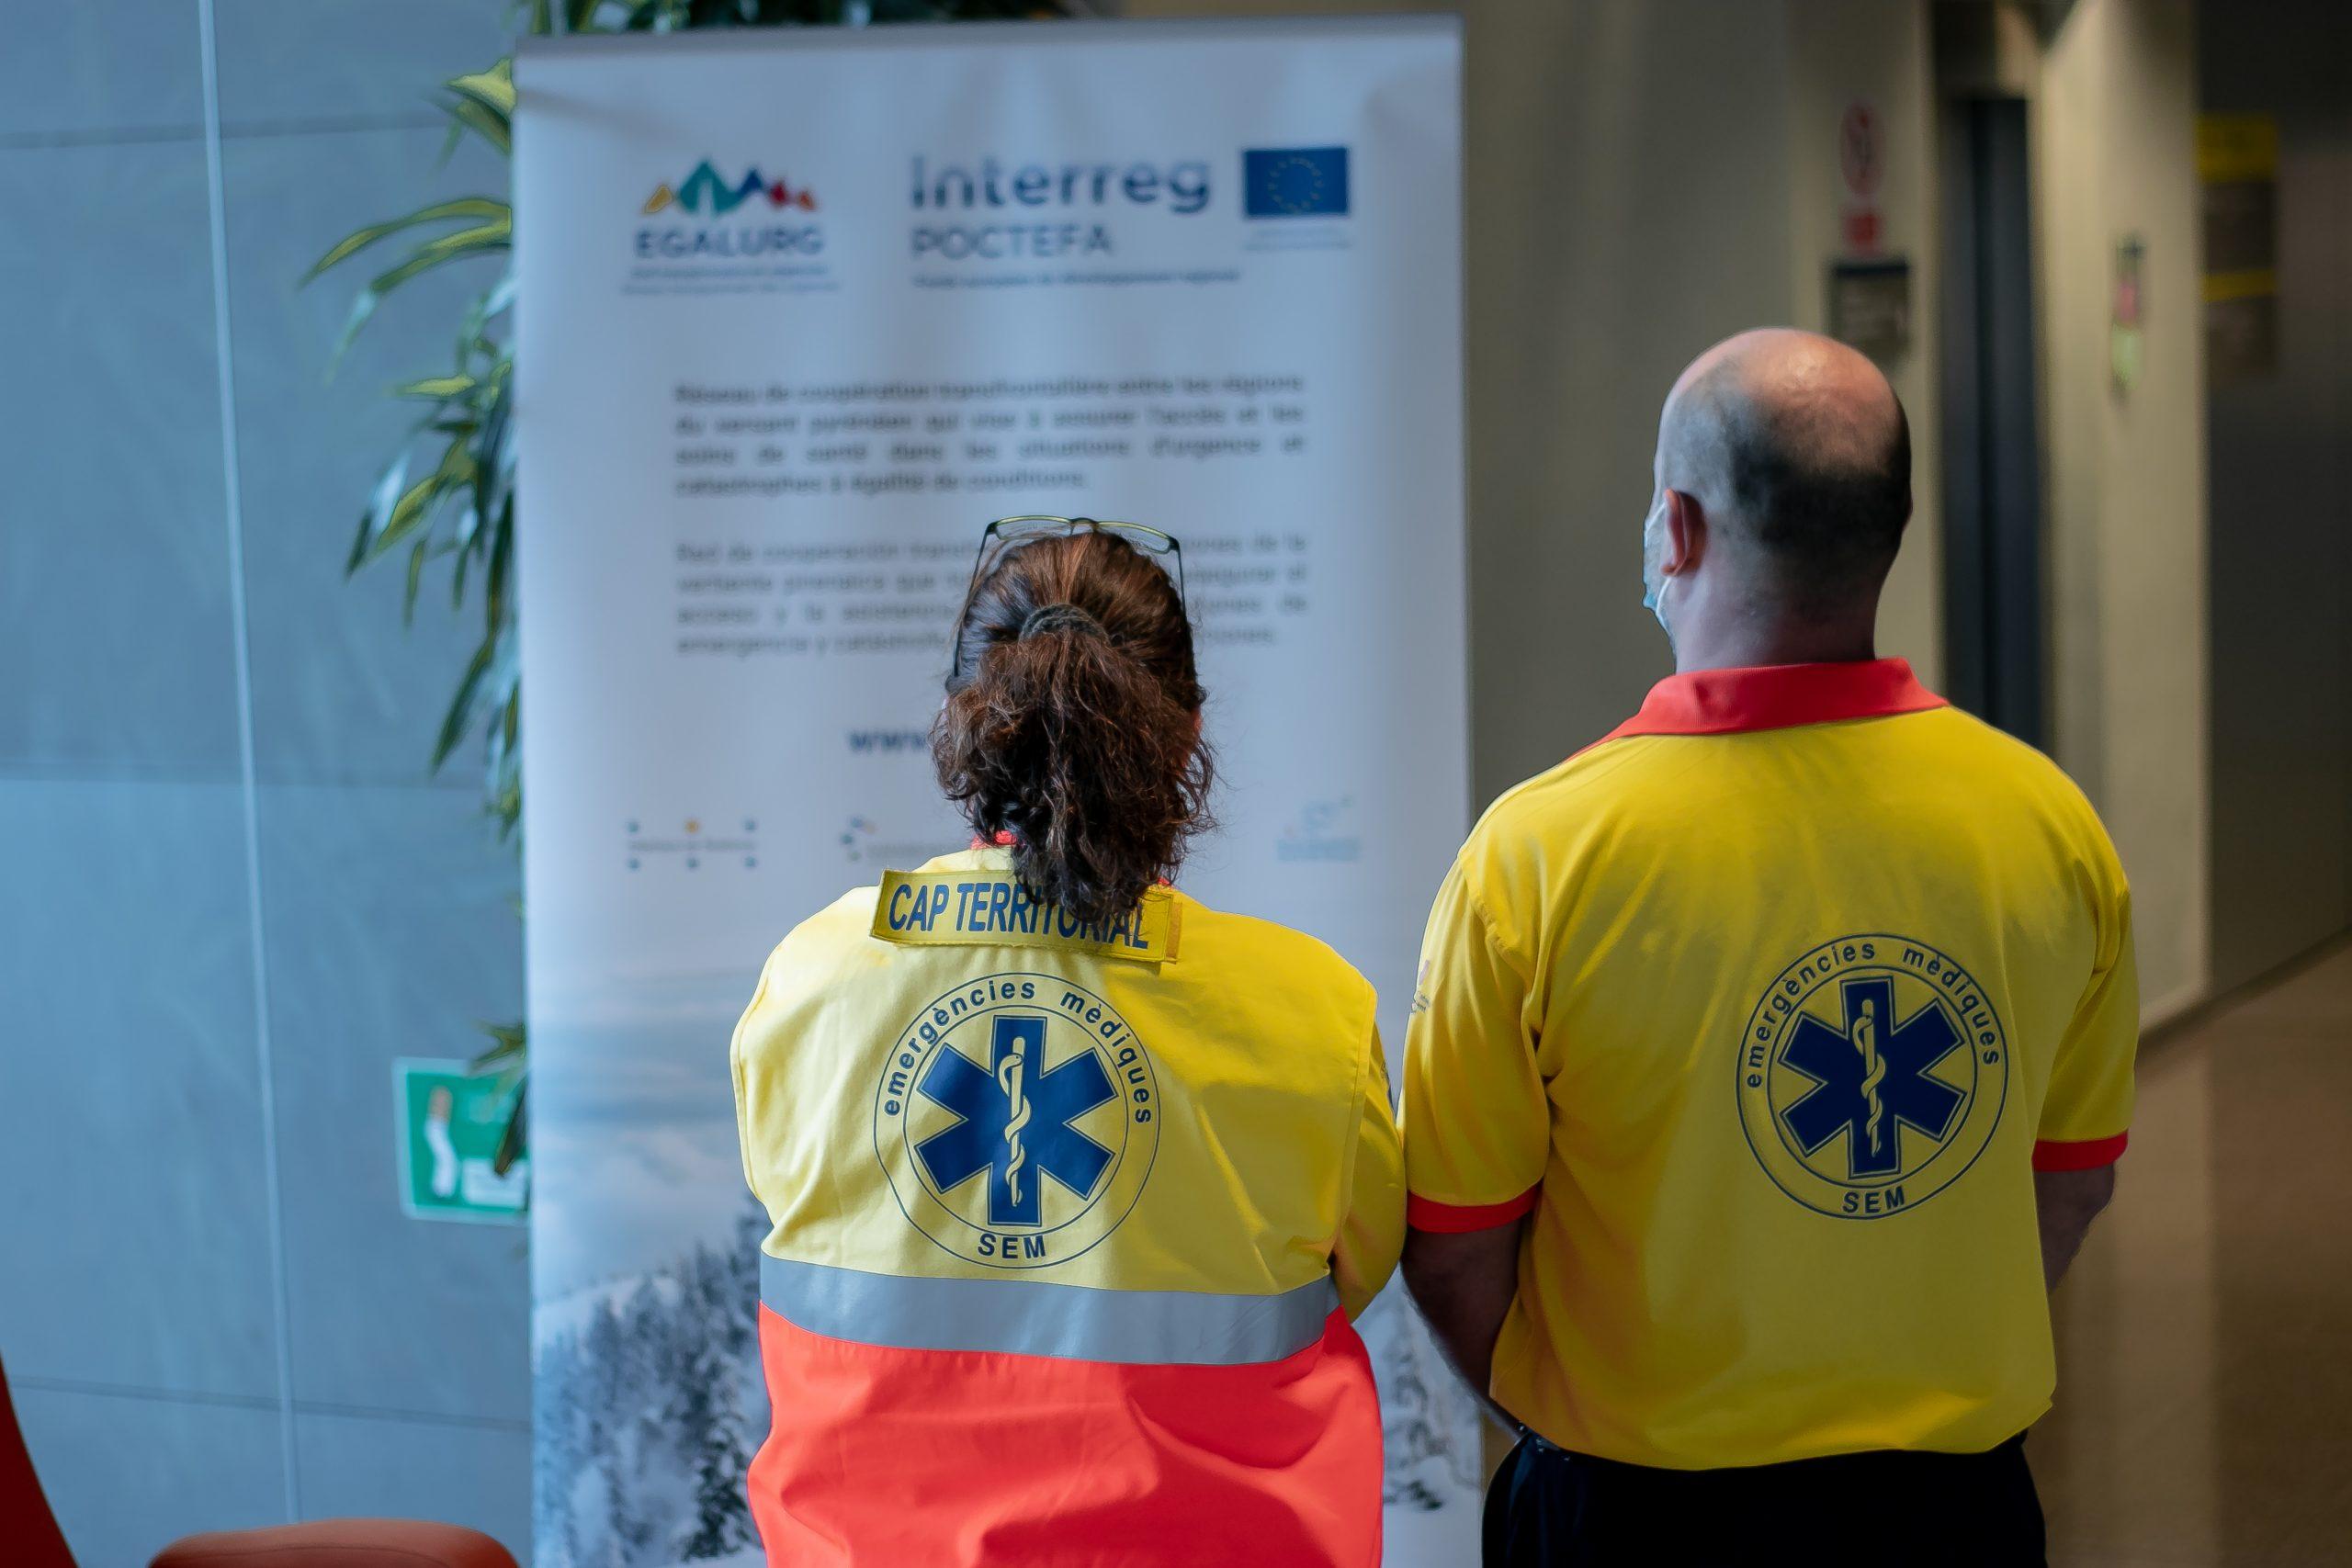 El SEM promueve la creación de un repertorio trasfronterizo de dispositivos medicalizados y un máster especializado en gestión de crisis sanitarias